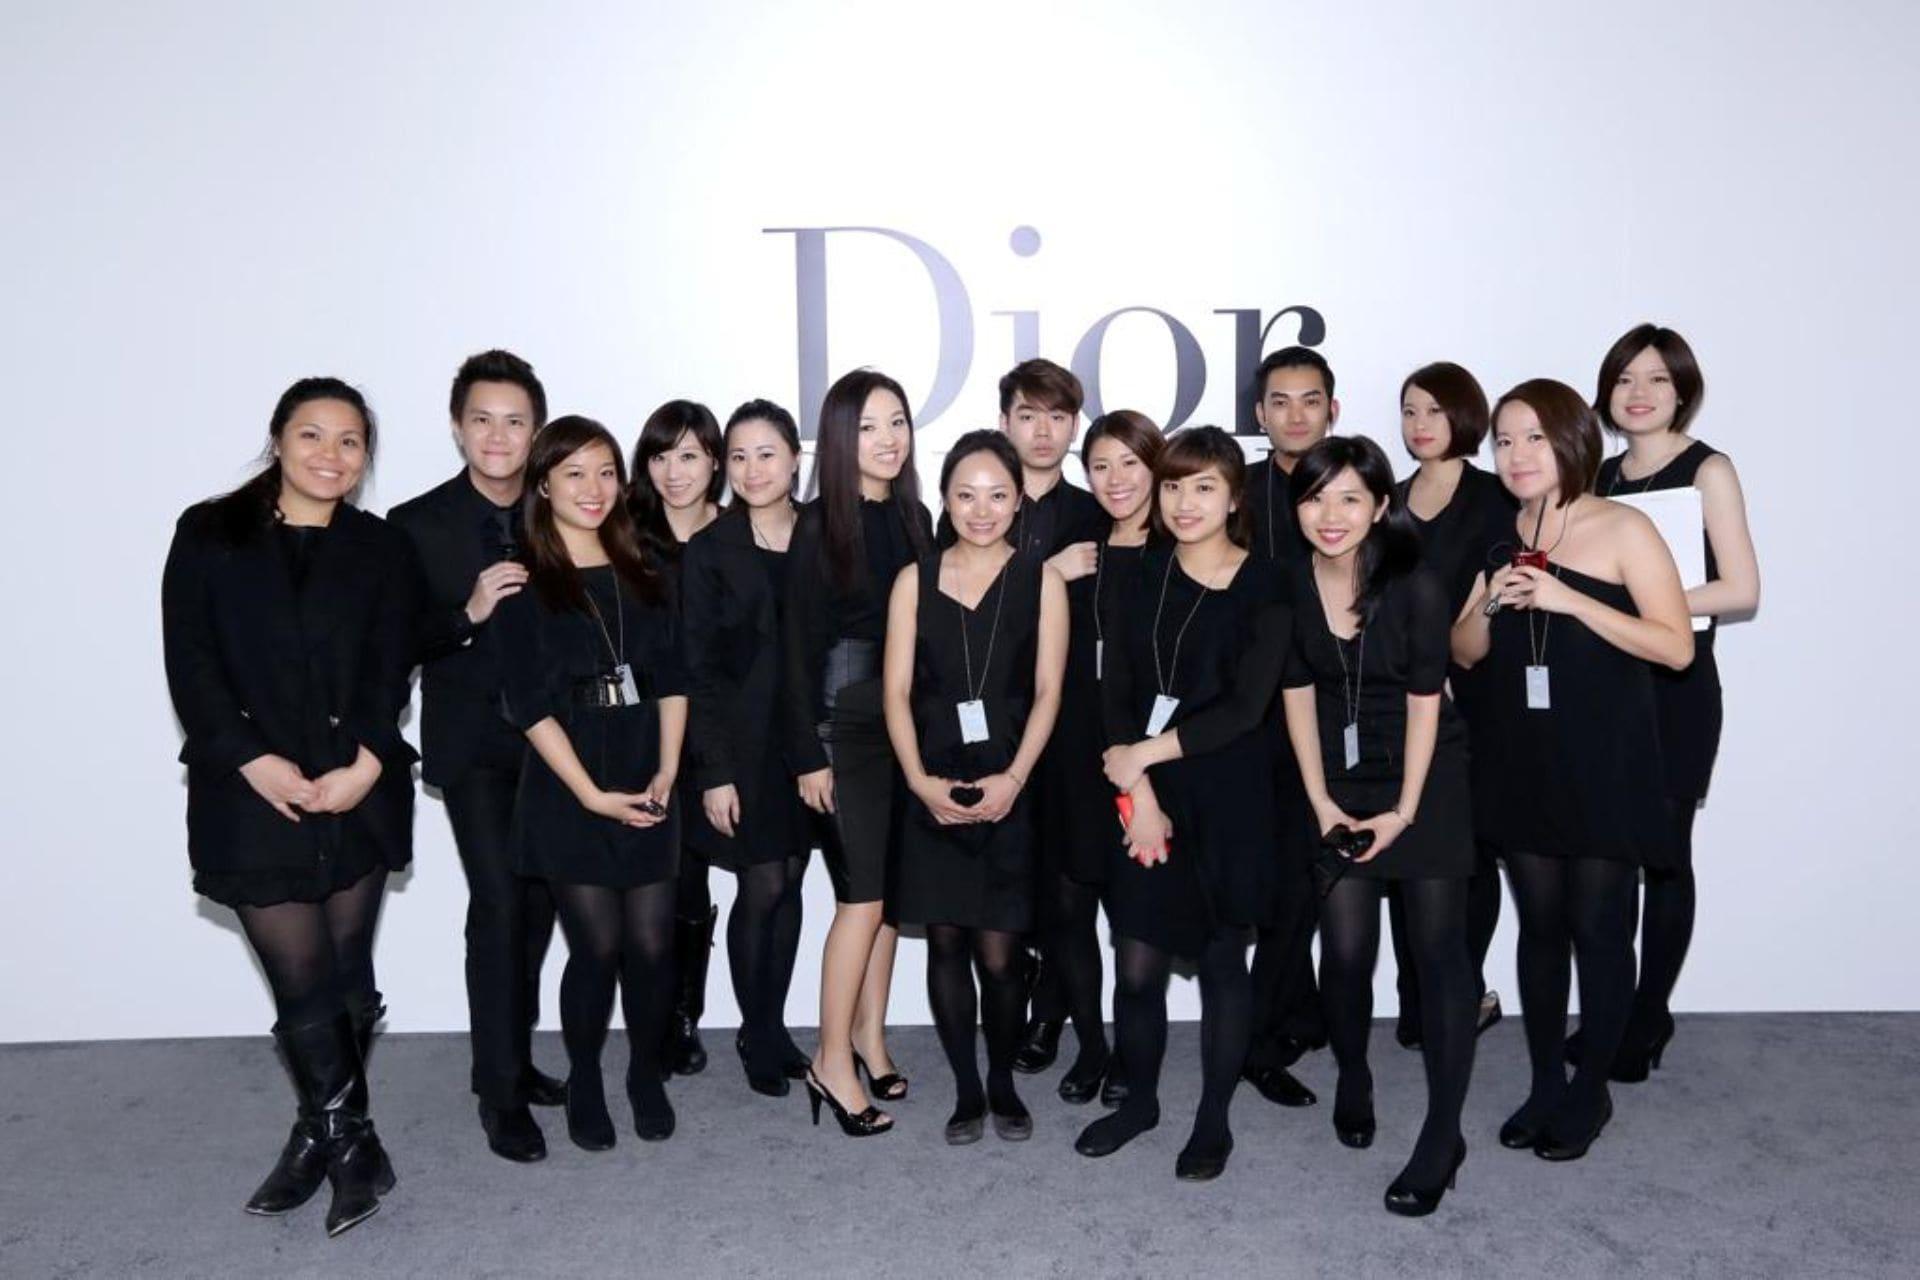 仲誼公關 Dior